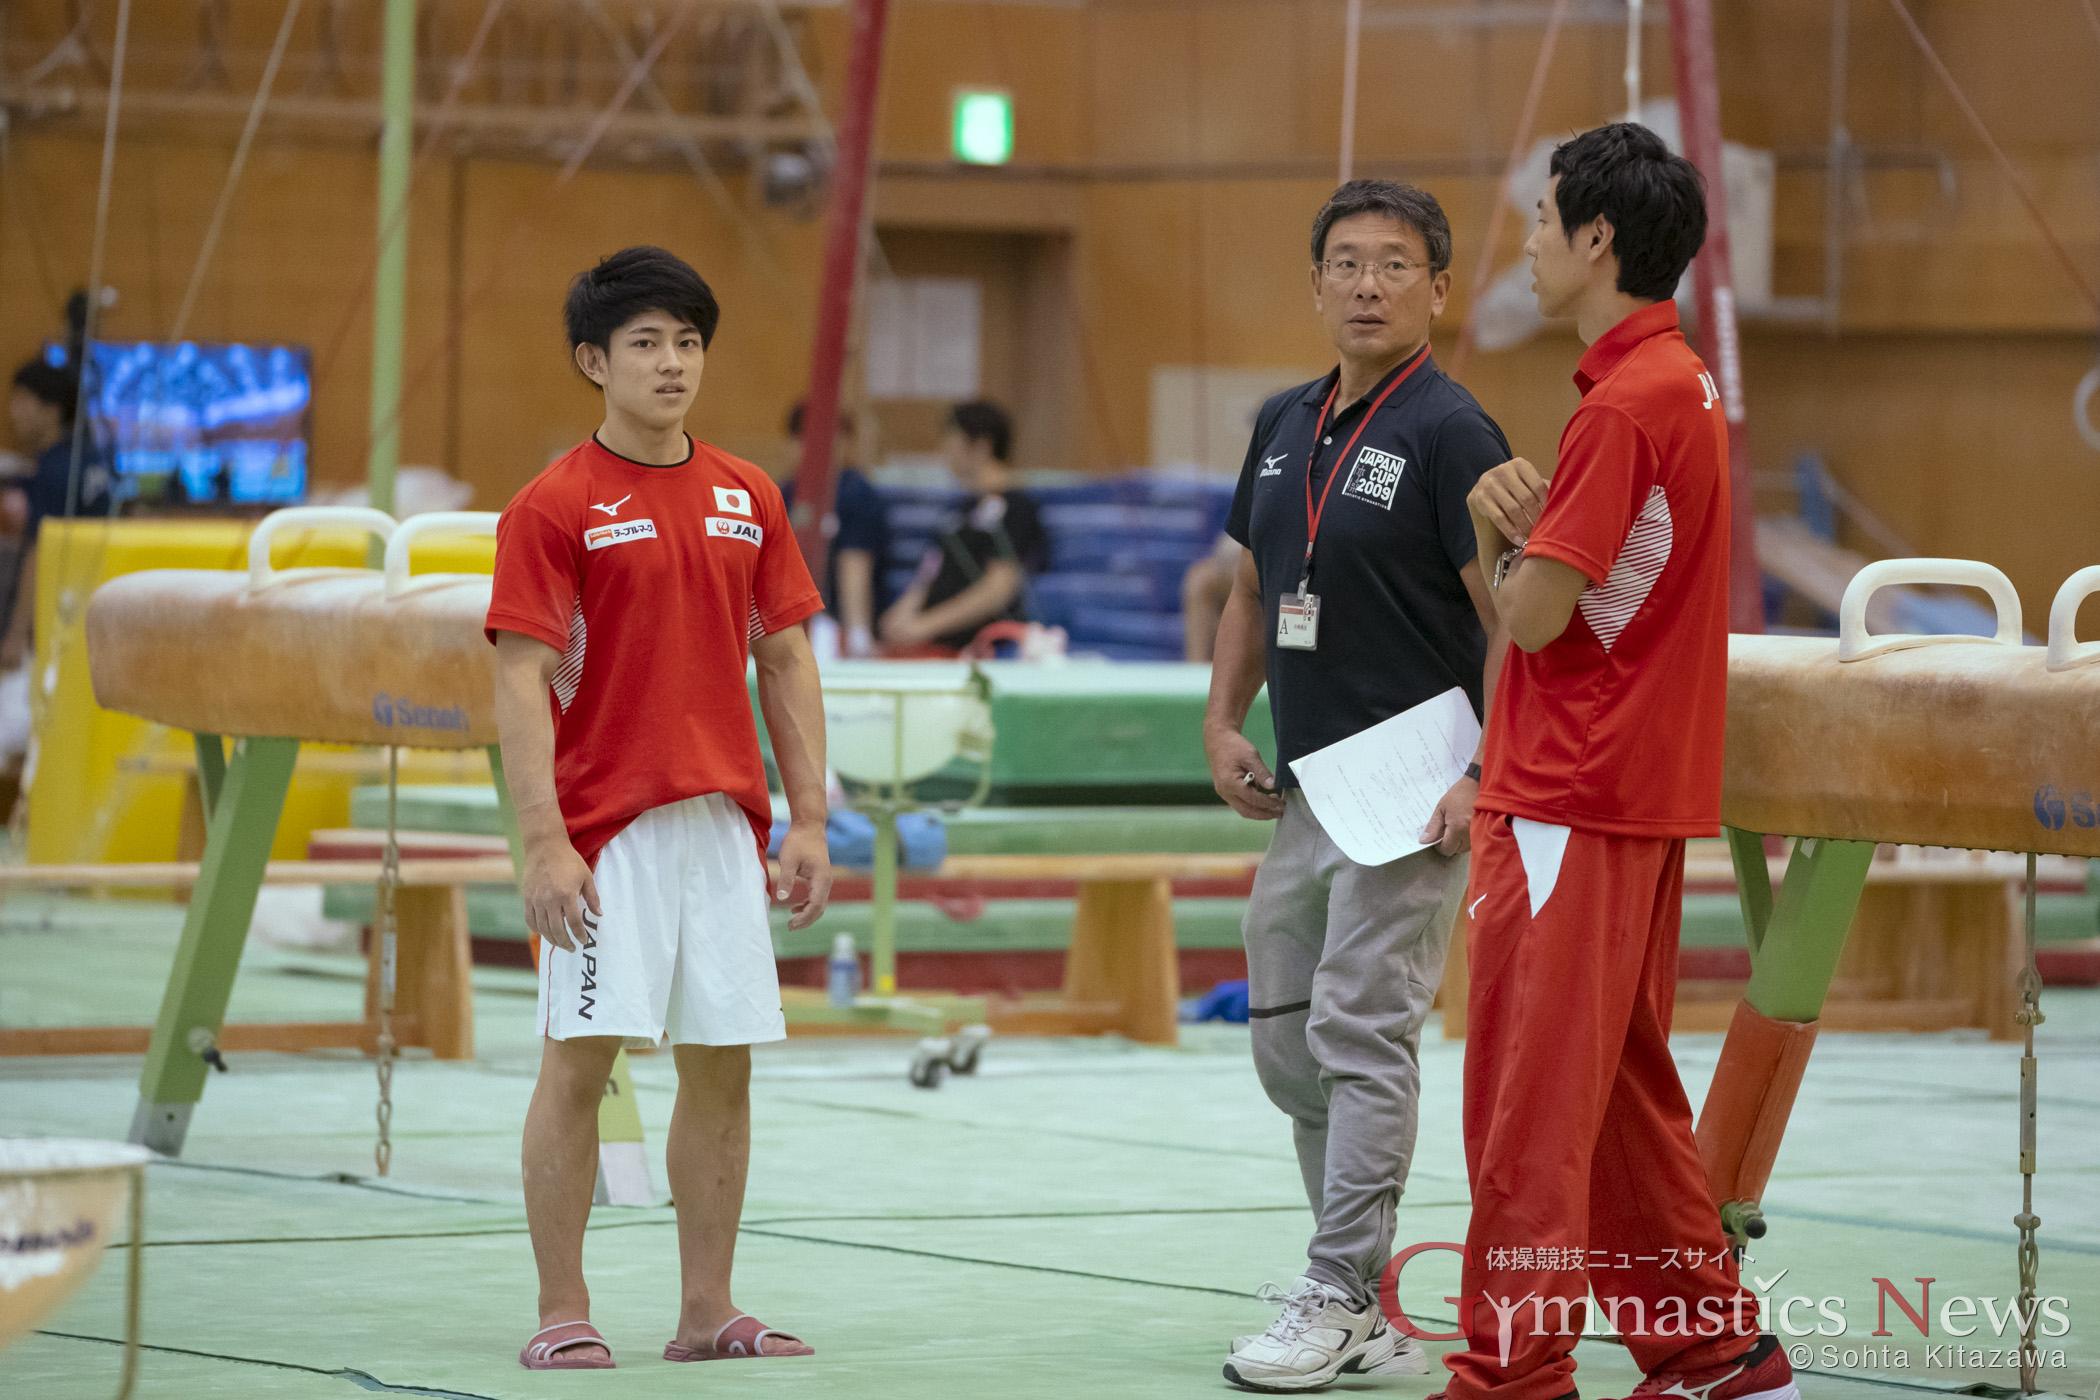 男子体操強化合宿 練習風景